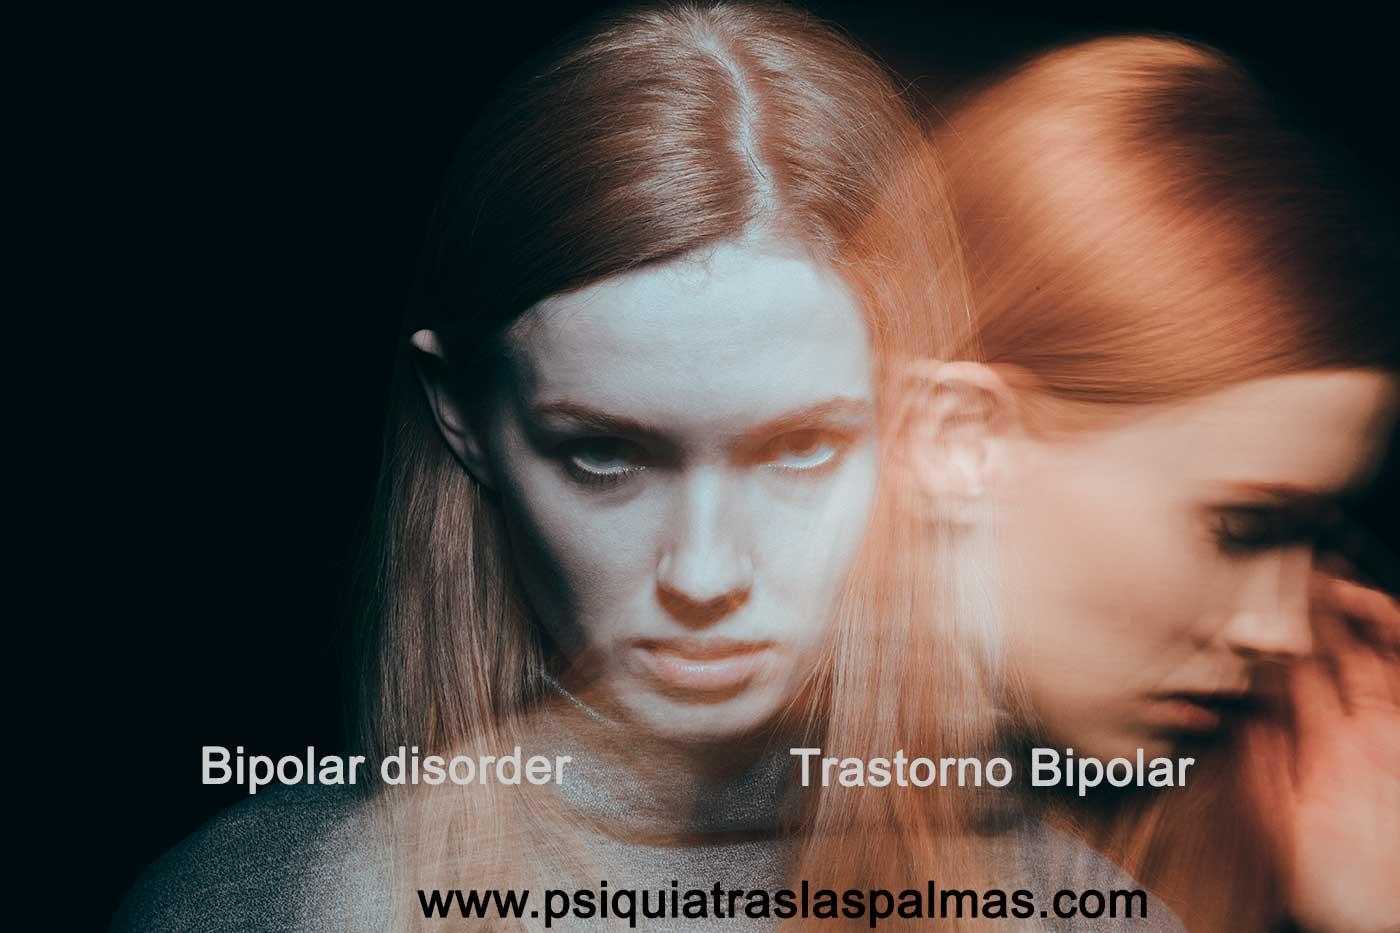 La Influencia de las estaciones en el Trastorno Bipolar